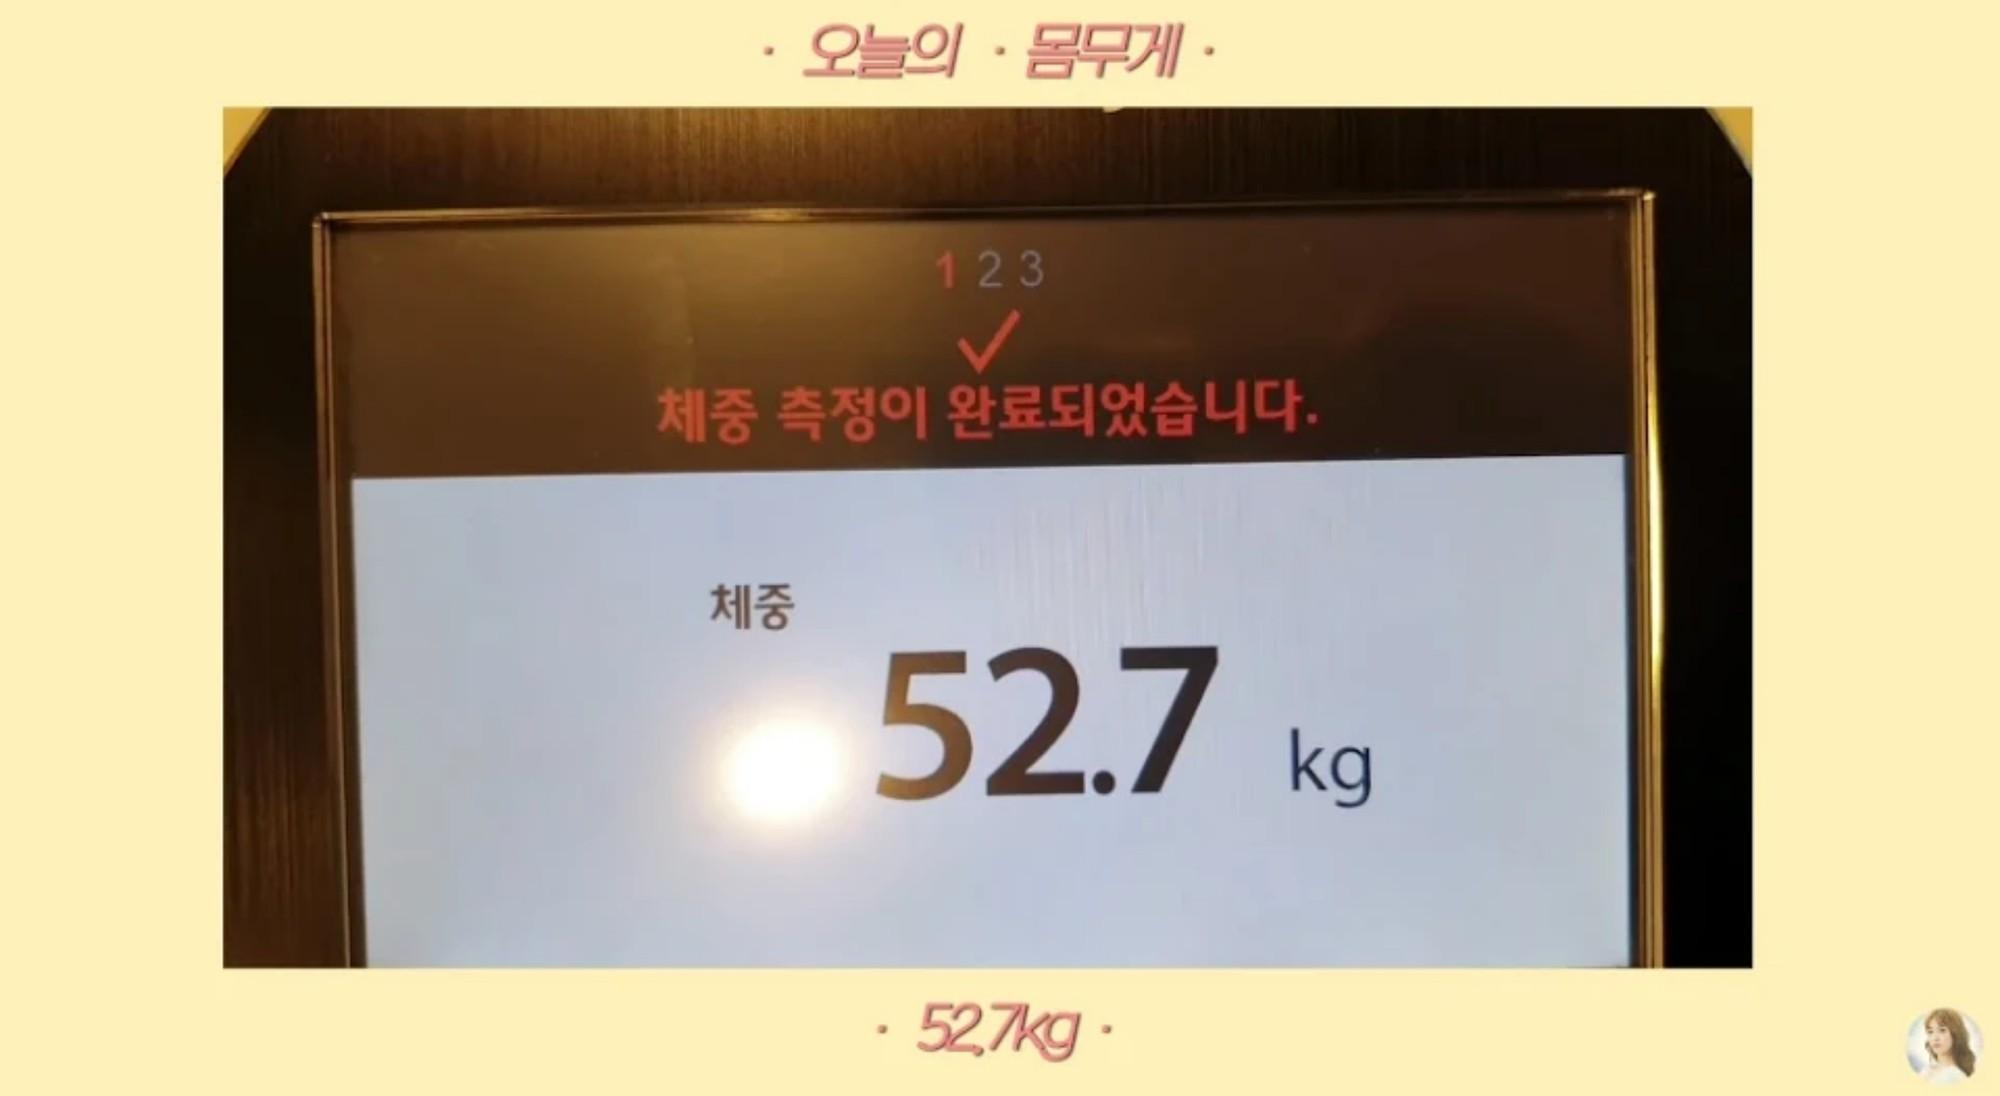 Nữ idol nhóm nhạc đình đám Kpop tiết lộ bí quyết giảm cân gây sốc: Sụt 3kg chỉ sau 5 ngày, nghe đã muốn ngất lịm - Ảnh 3.